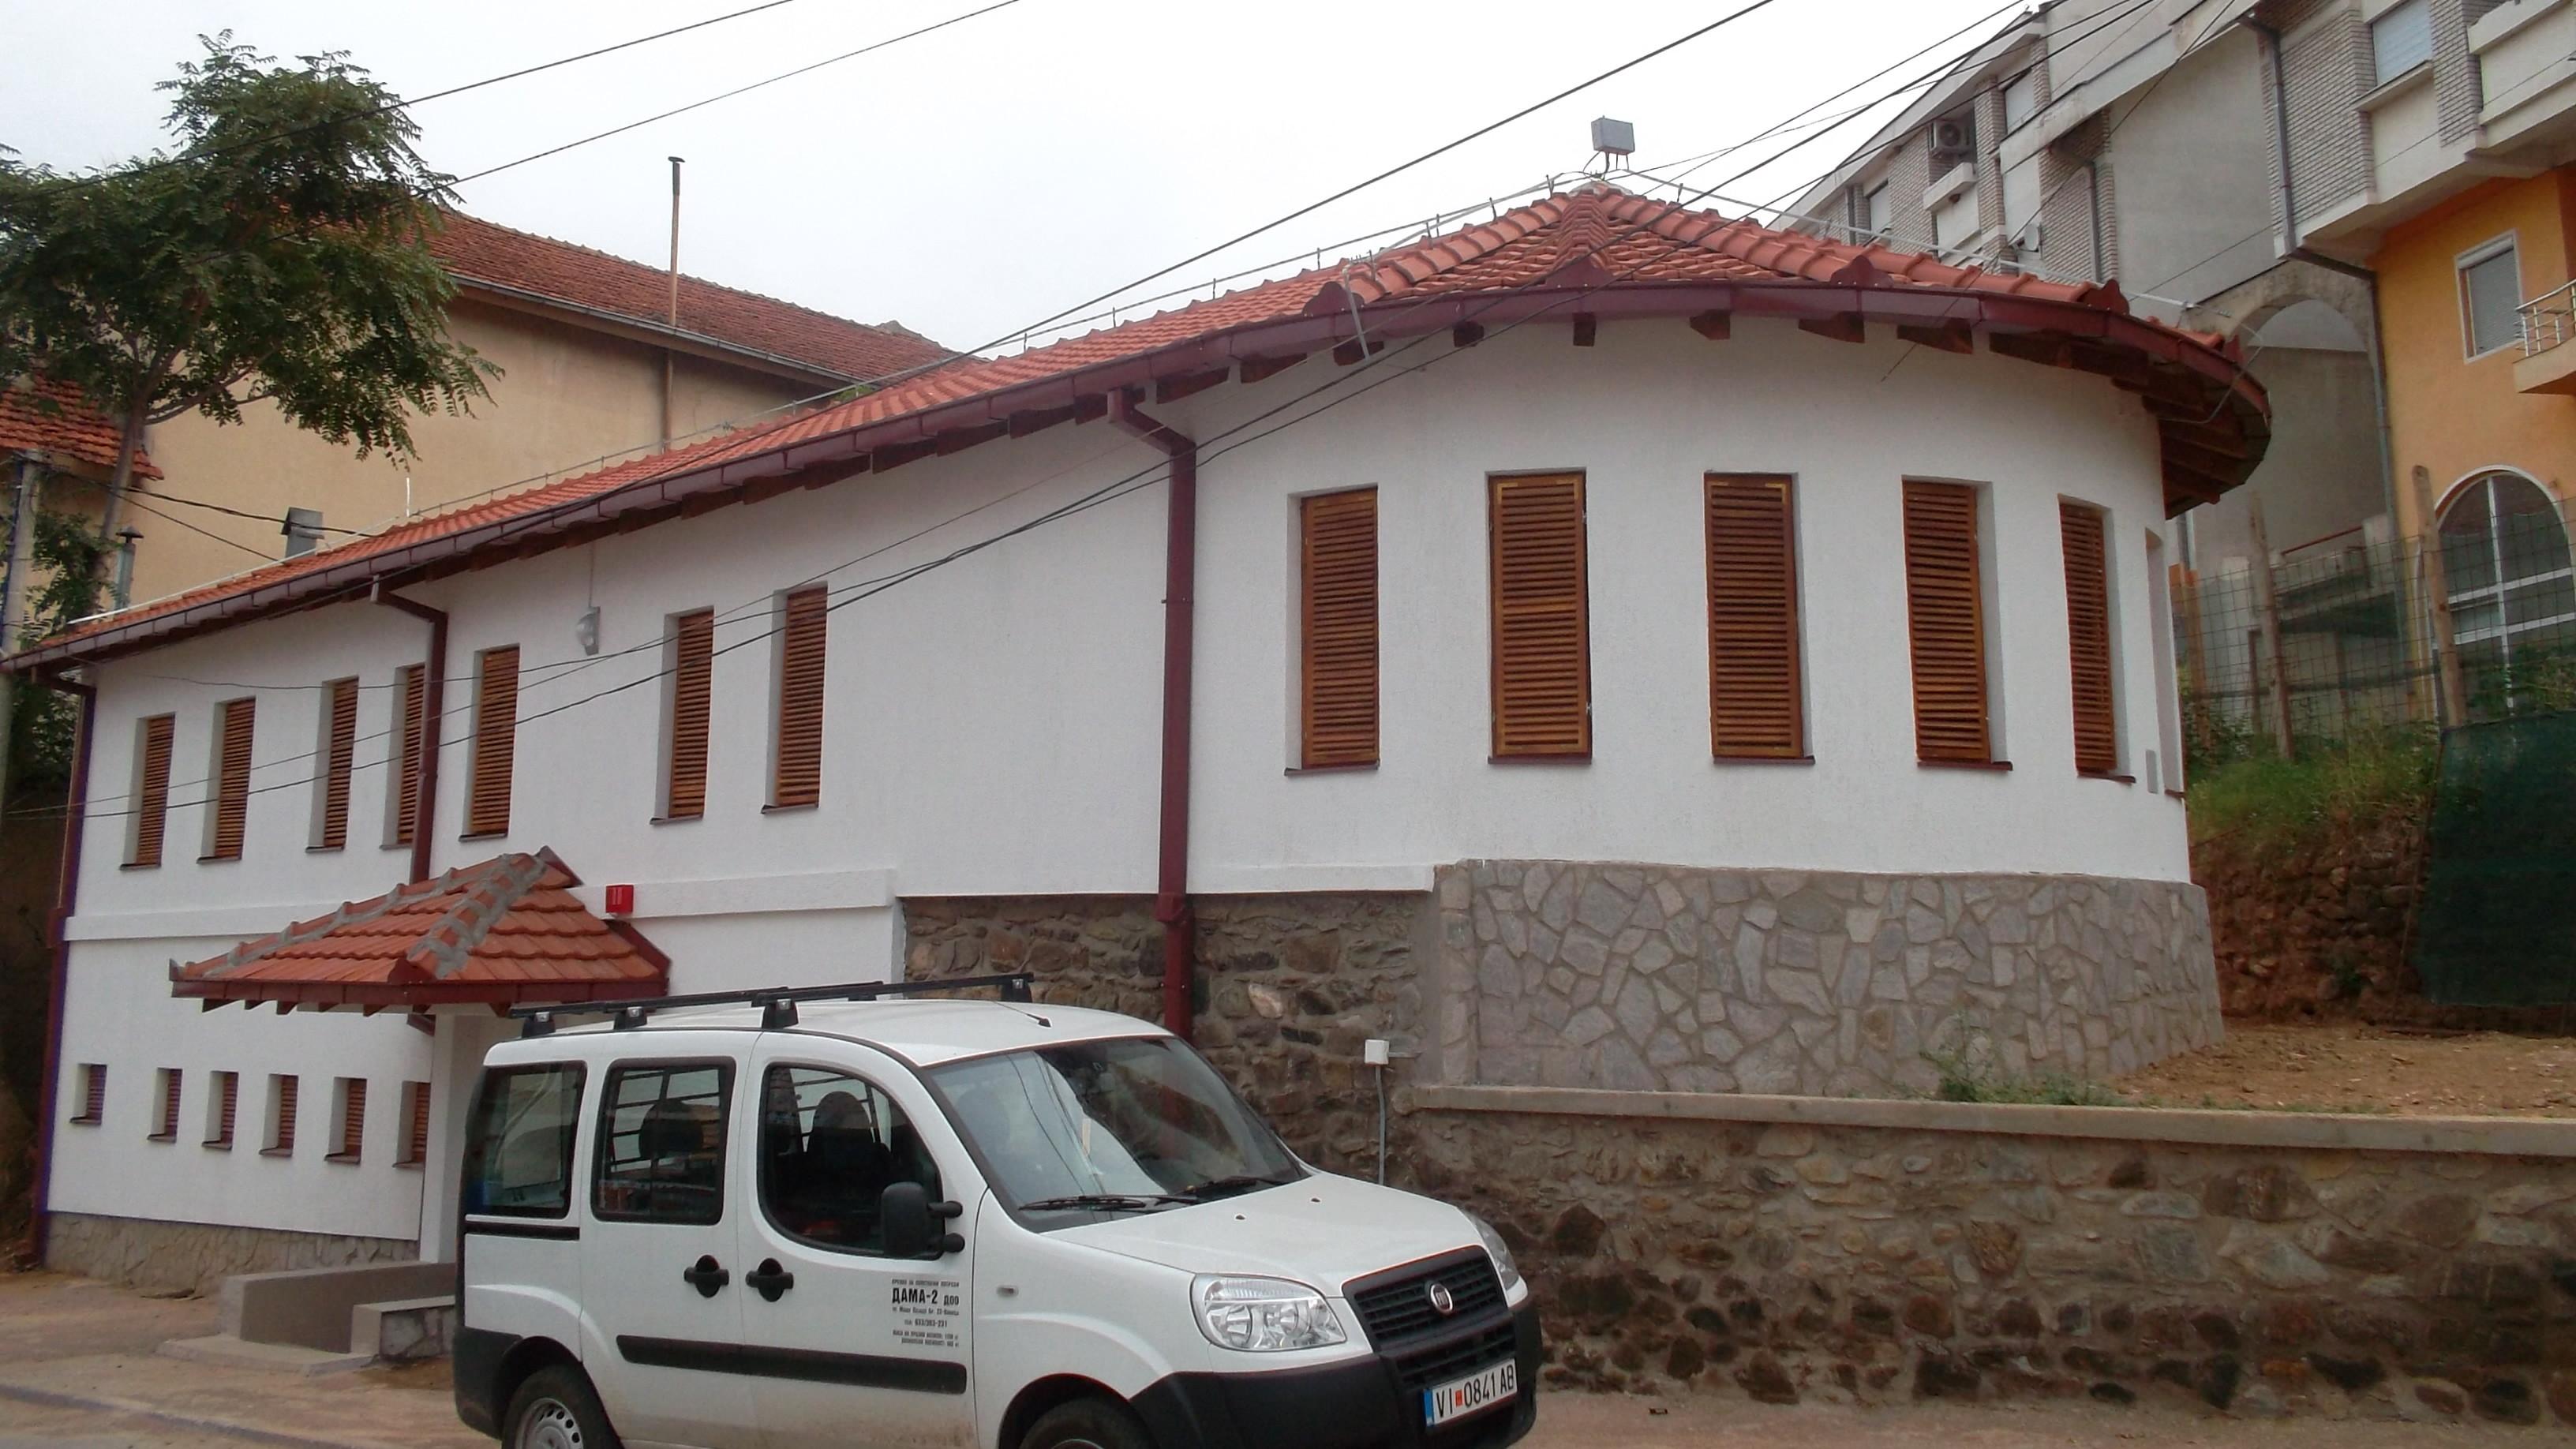 Turska Banja VInicko kale